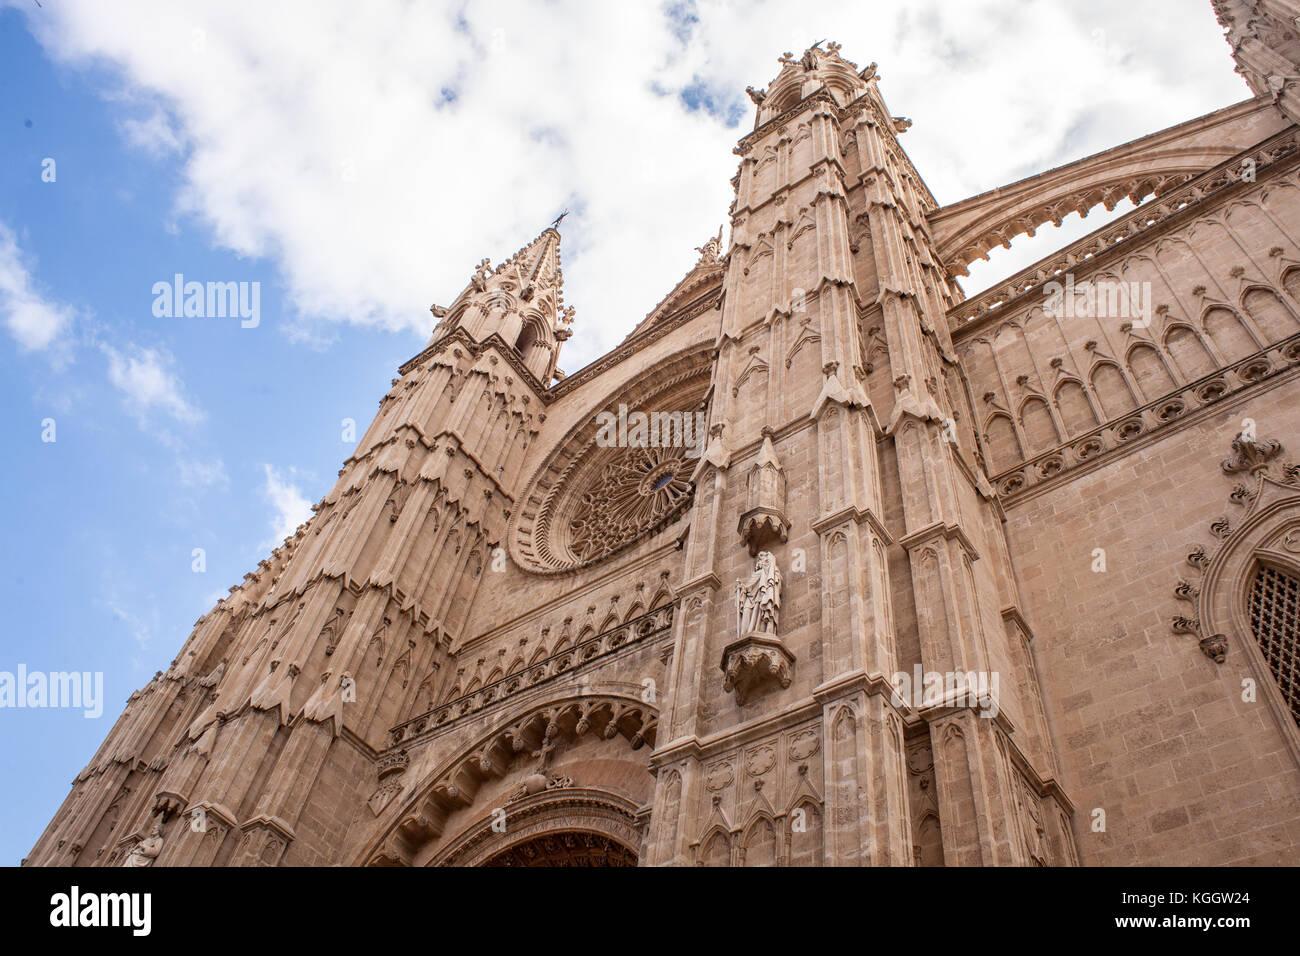 Kathedrale La Seu in Palma de Mallorca, ein beliebtes Touristenziel, vor einem blauen Himmel mit Wolken Stockbild